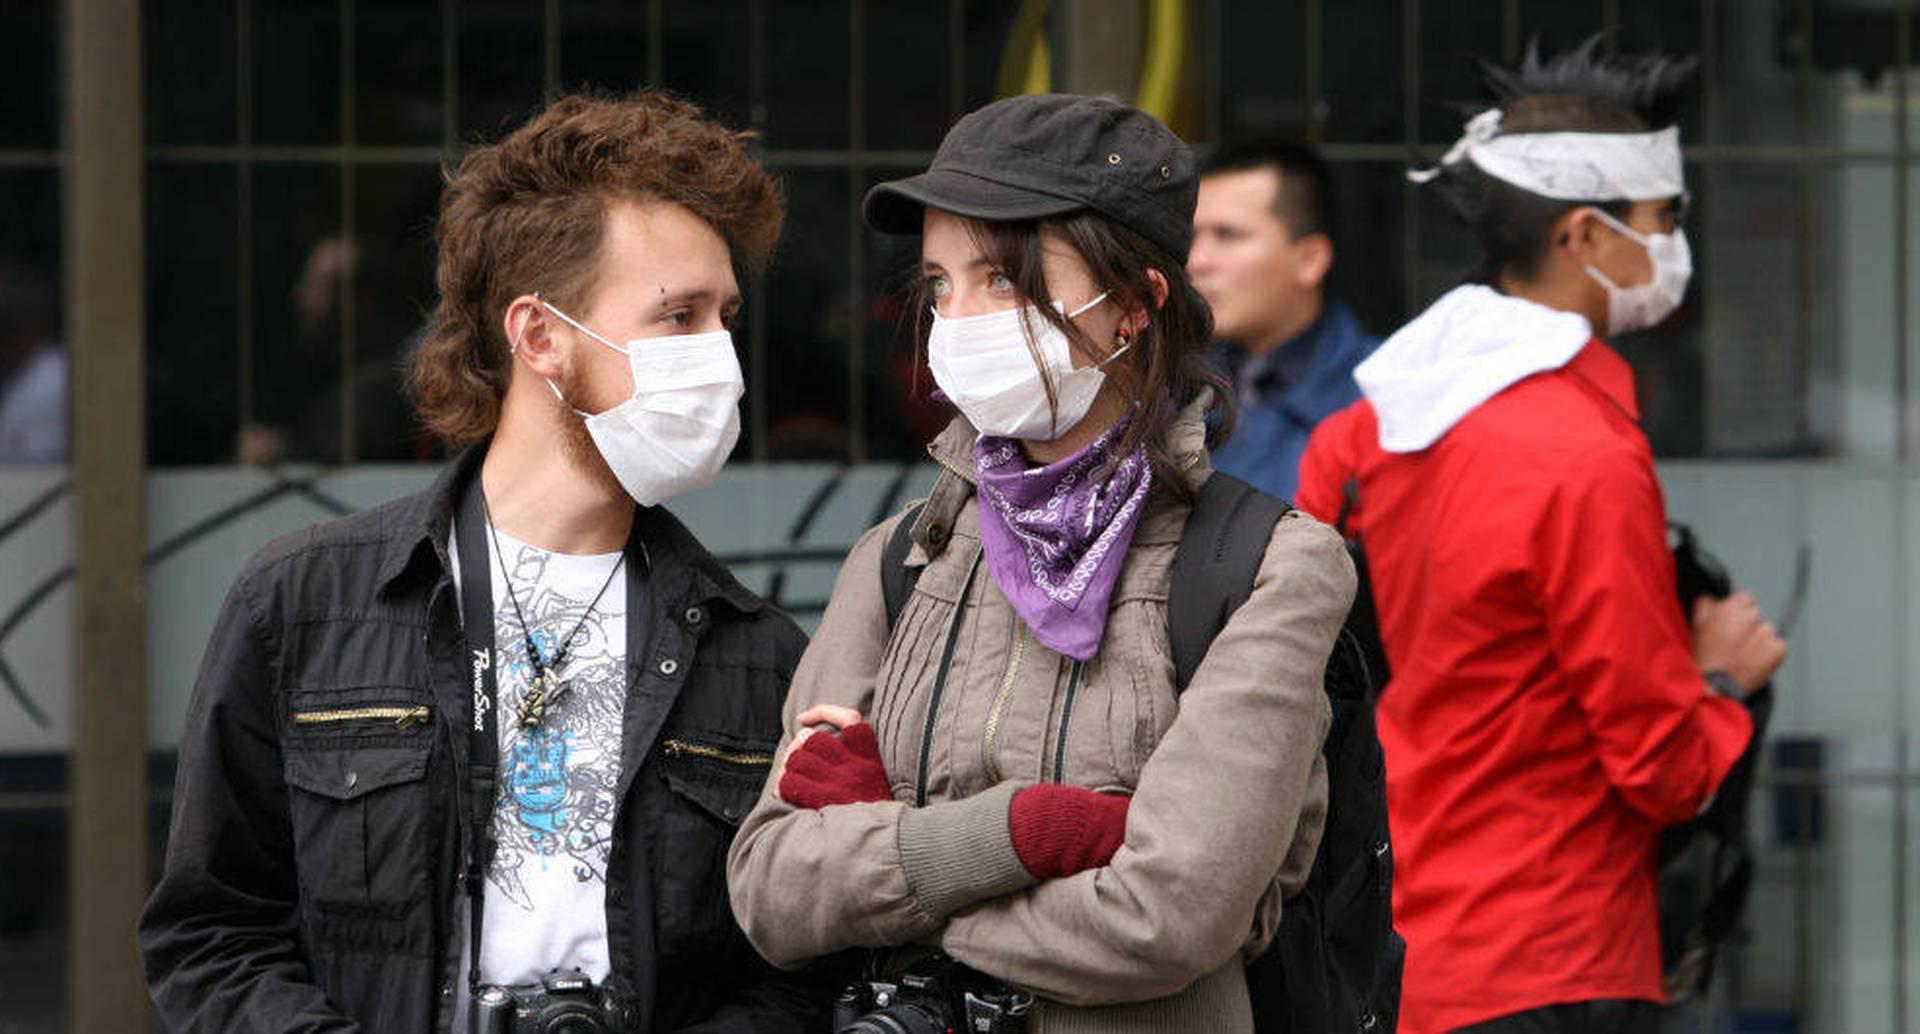 La contaminación reduce un promedio de tres años la esperanza de vida y provoca anualmente 8,8 millones de muertes prematuras. Foto:  archivo/Semana.